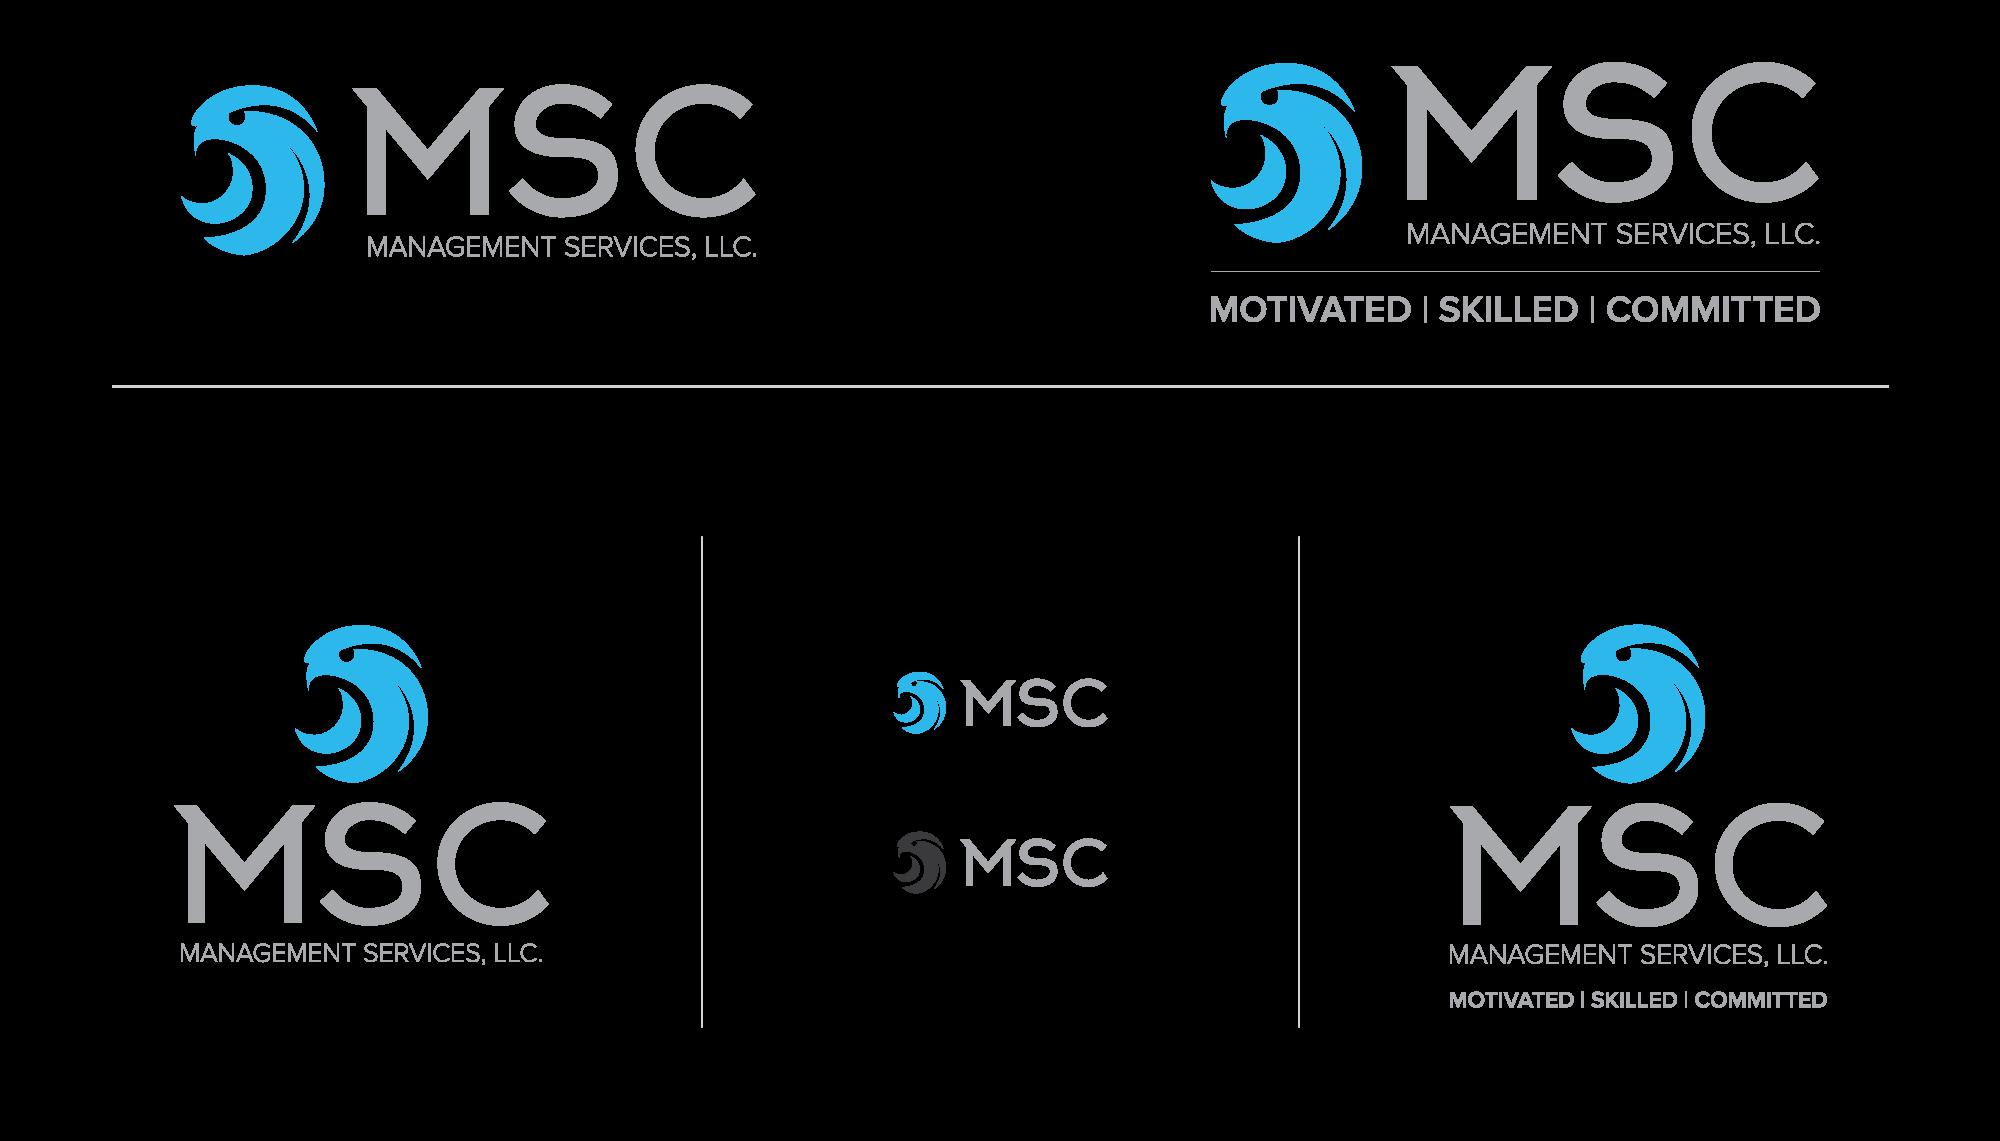 MSC Management Services logo variations